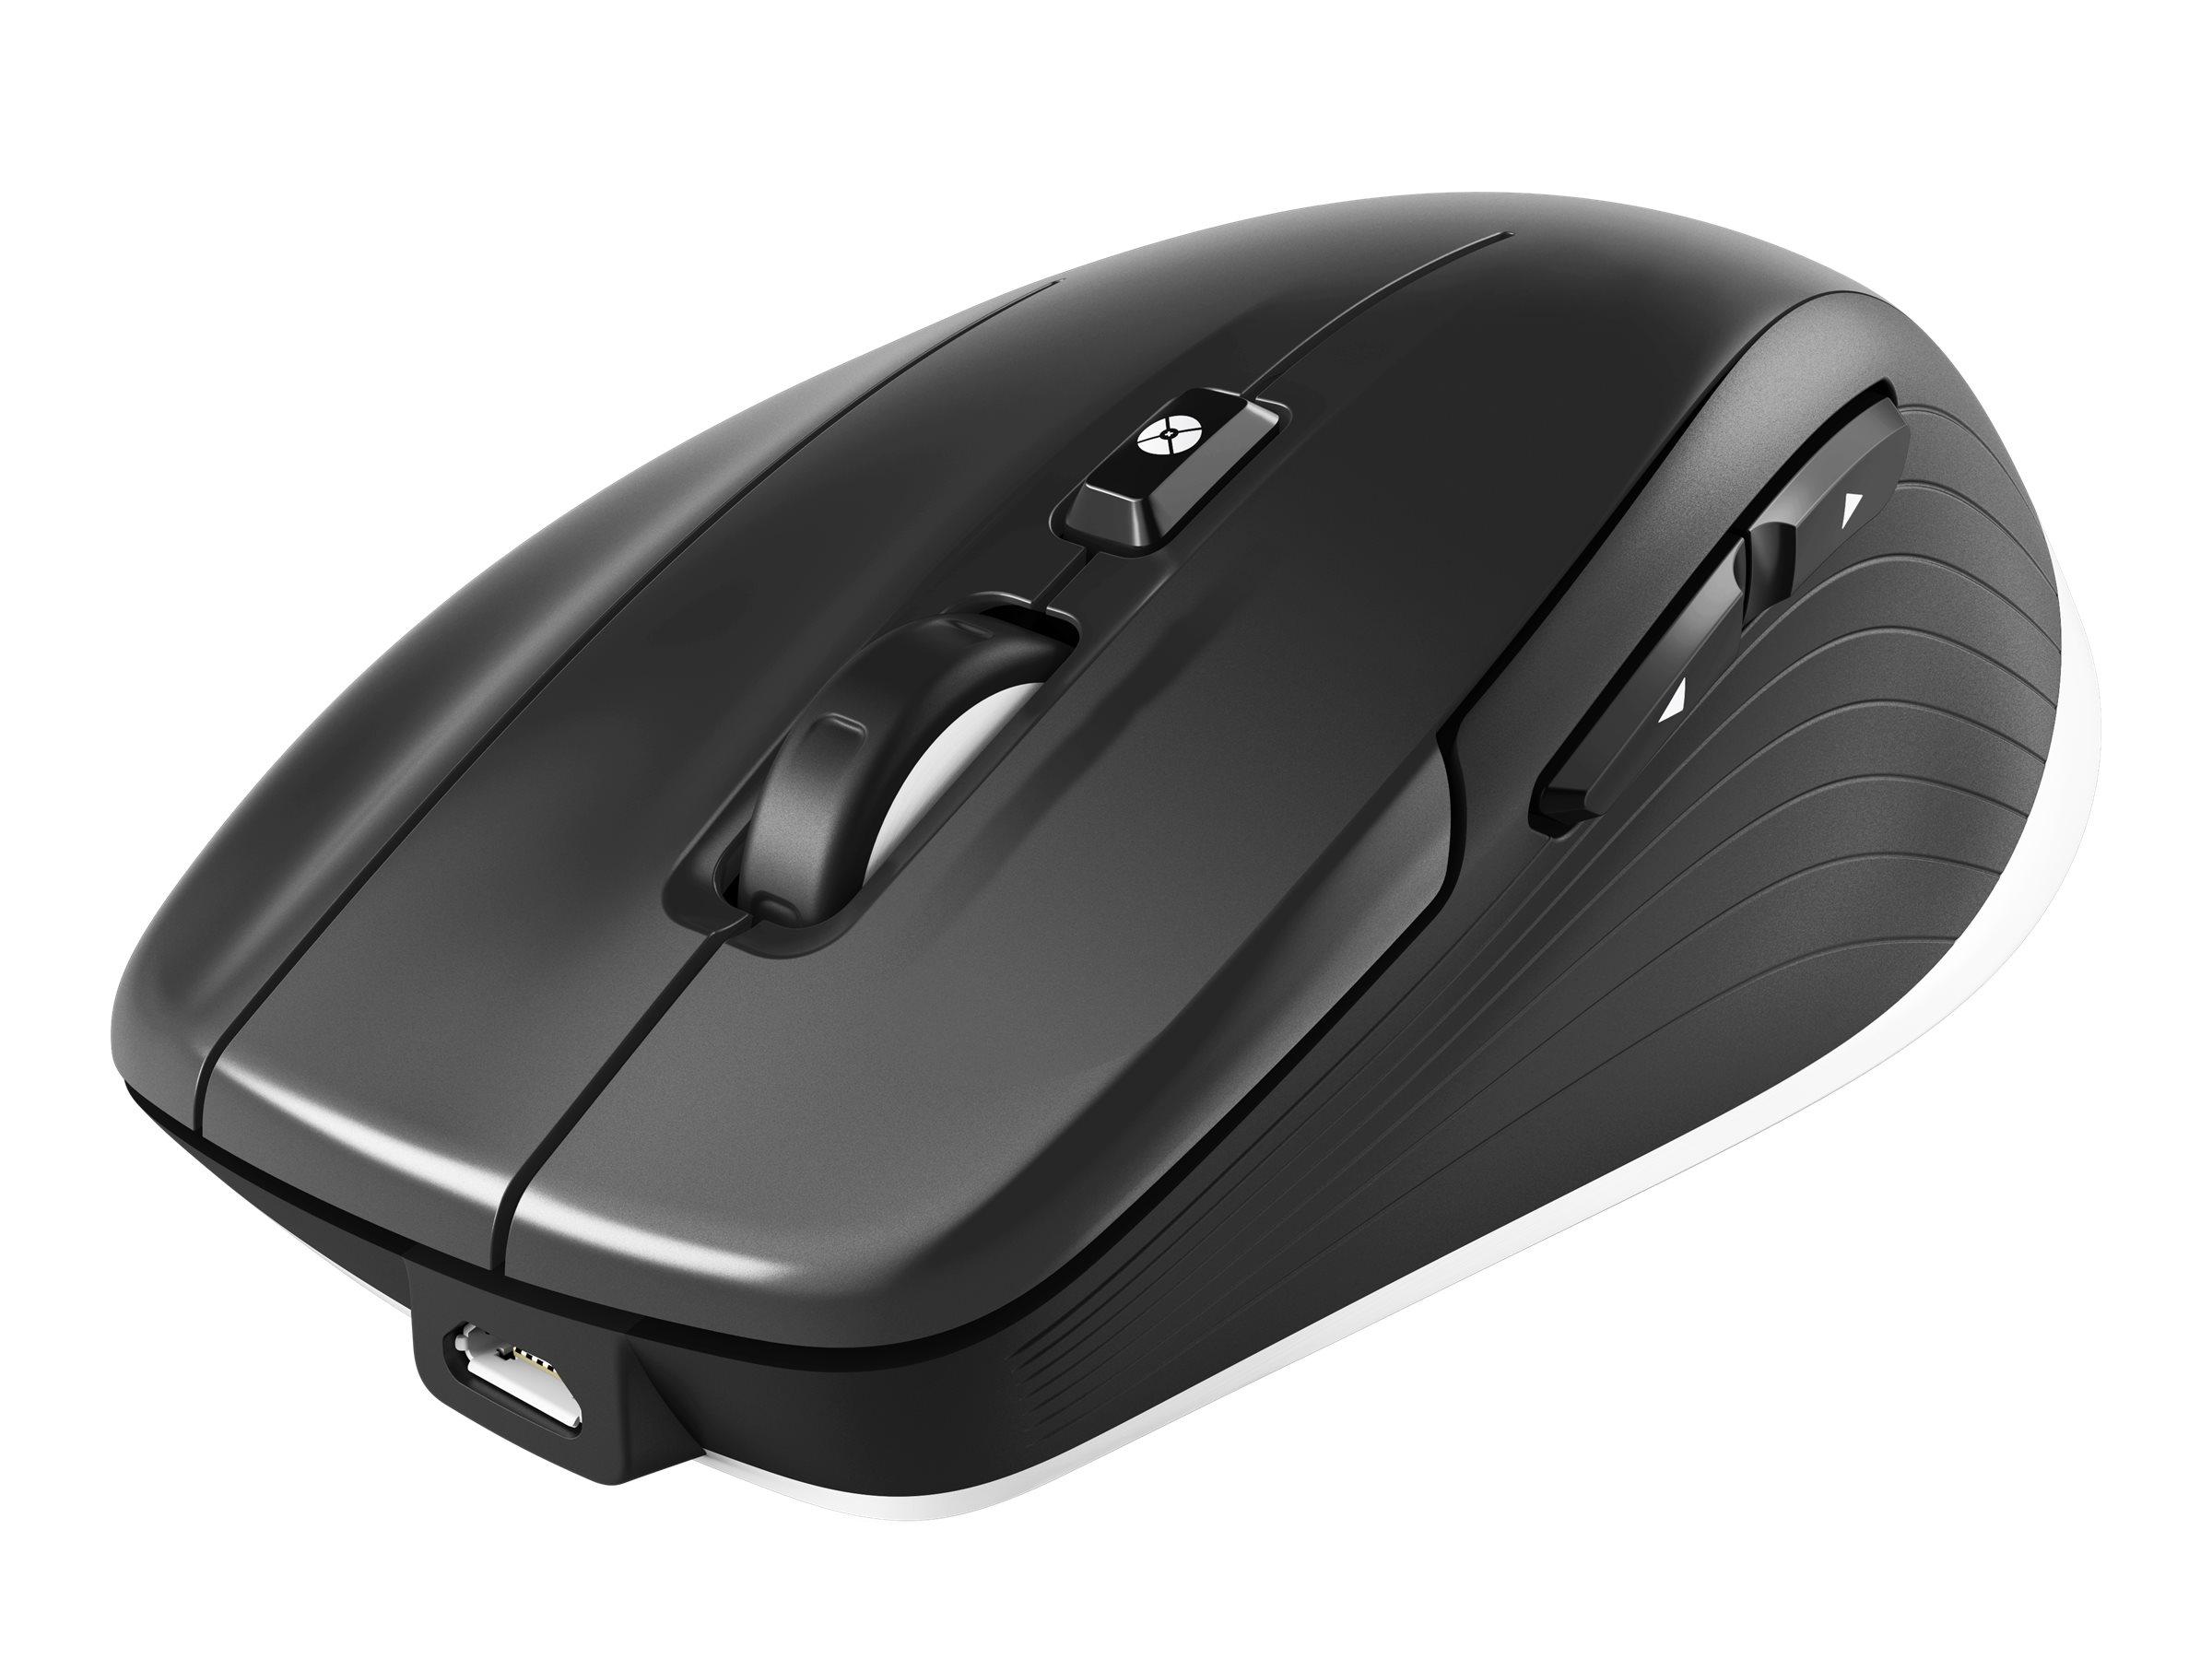 3Dconnexion CadMouse Wireless - Maus - Für Rechtshänder - optisch - 7 Tasten - kabellos, kabelgebunden